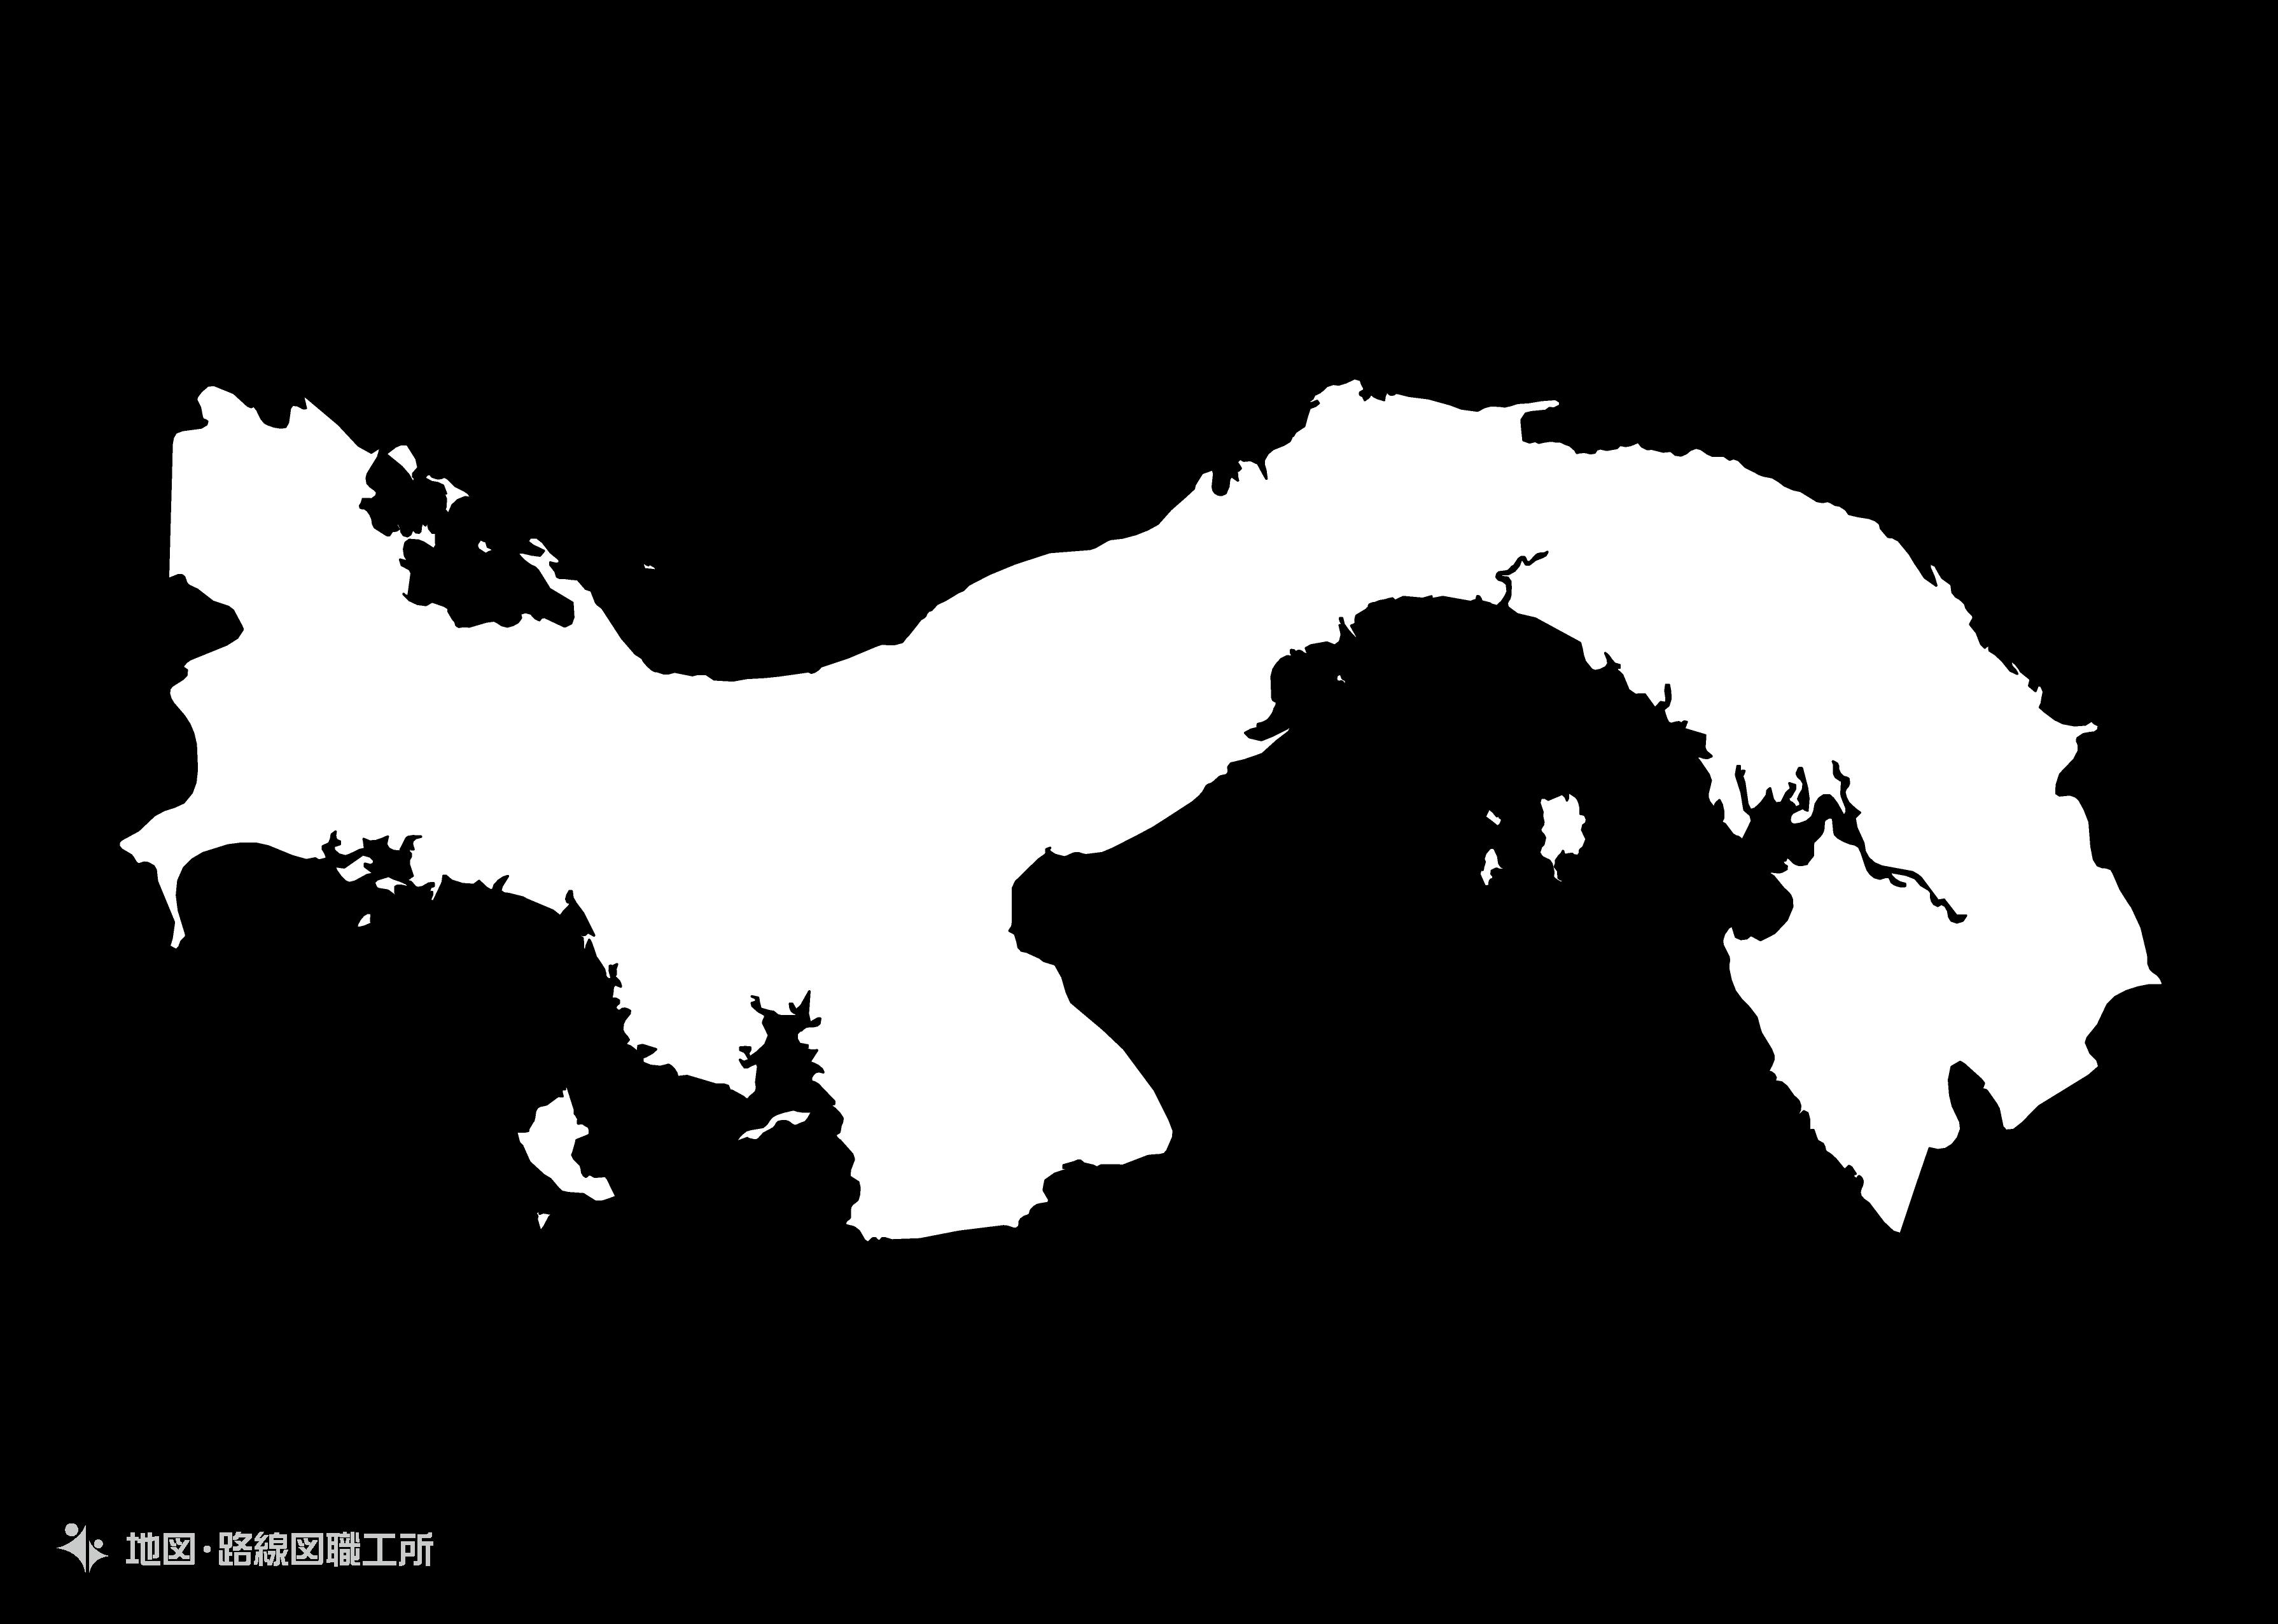 世界の白地図 パナマ共和国 republic-of-panama map